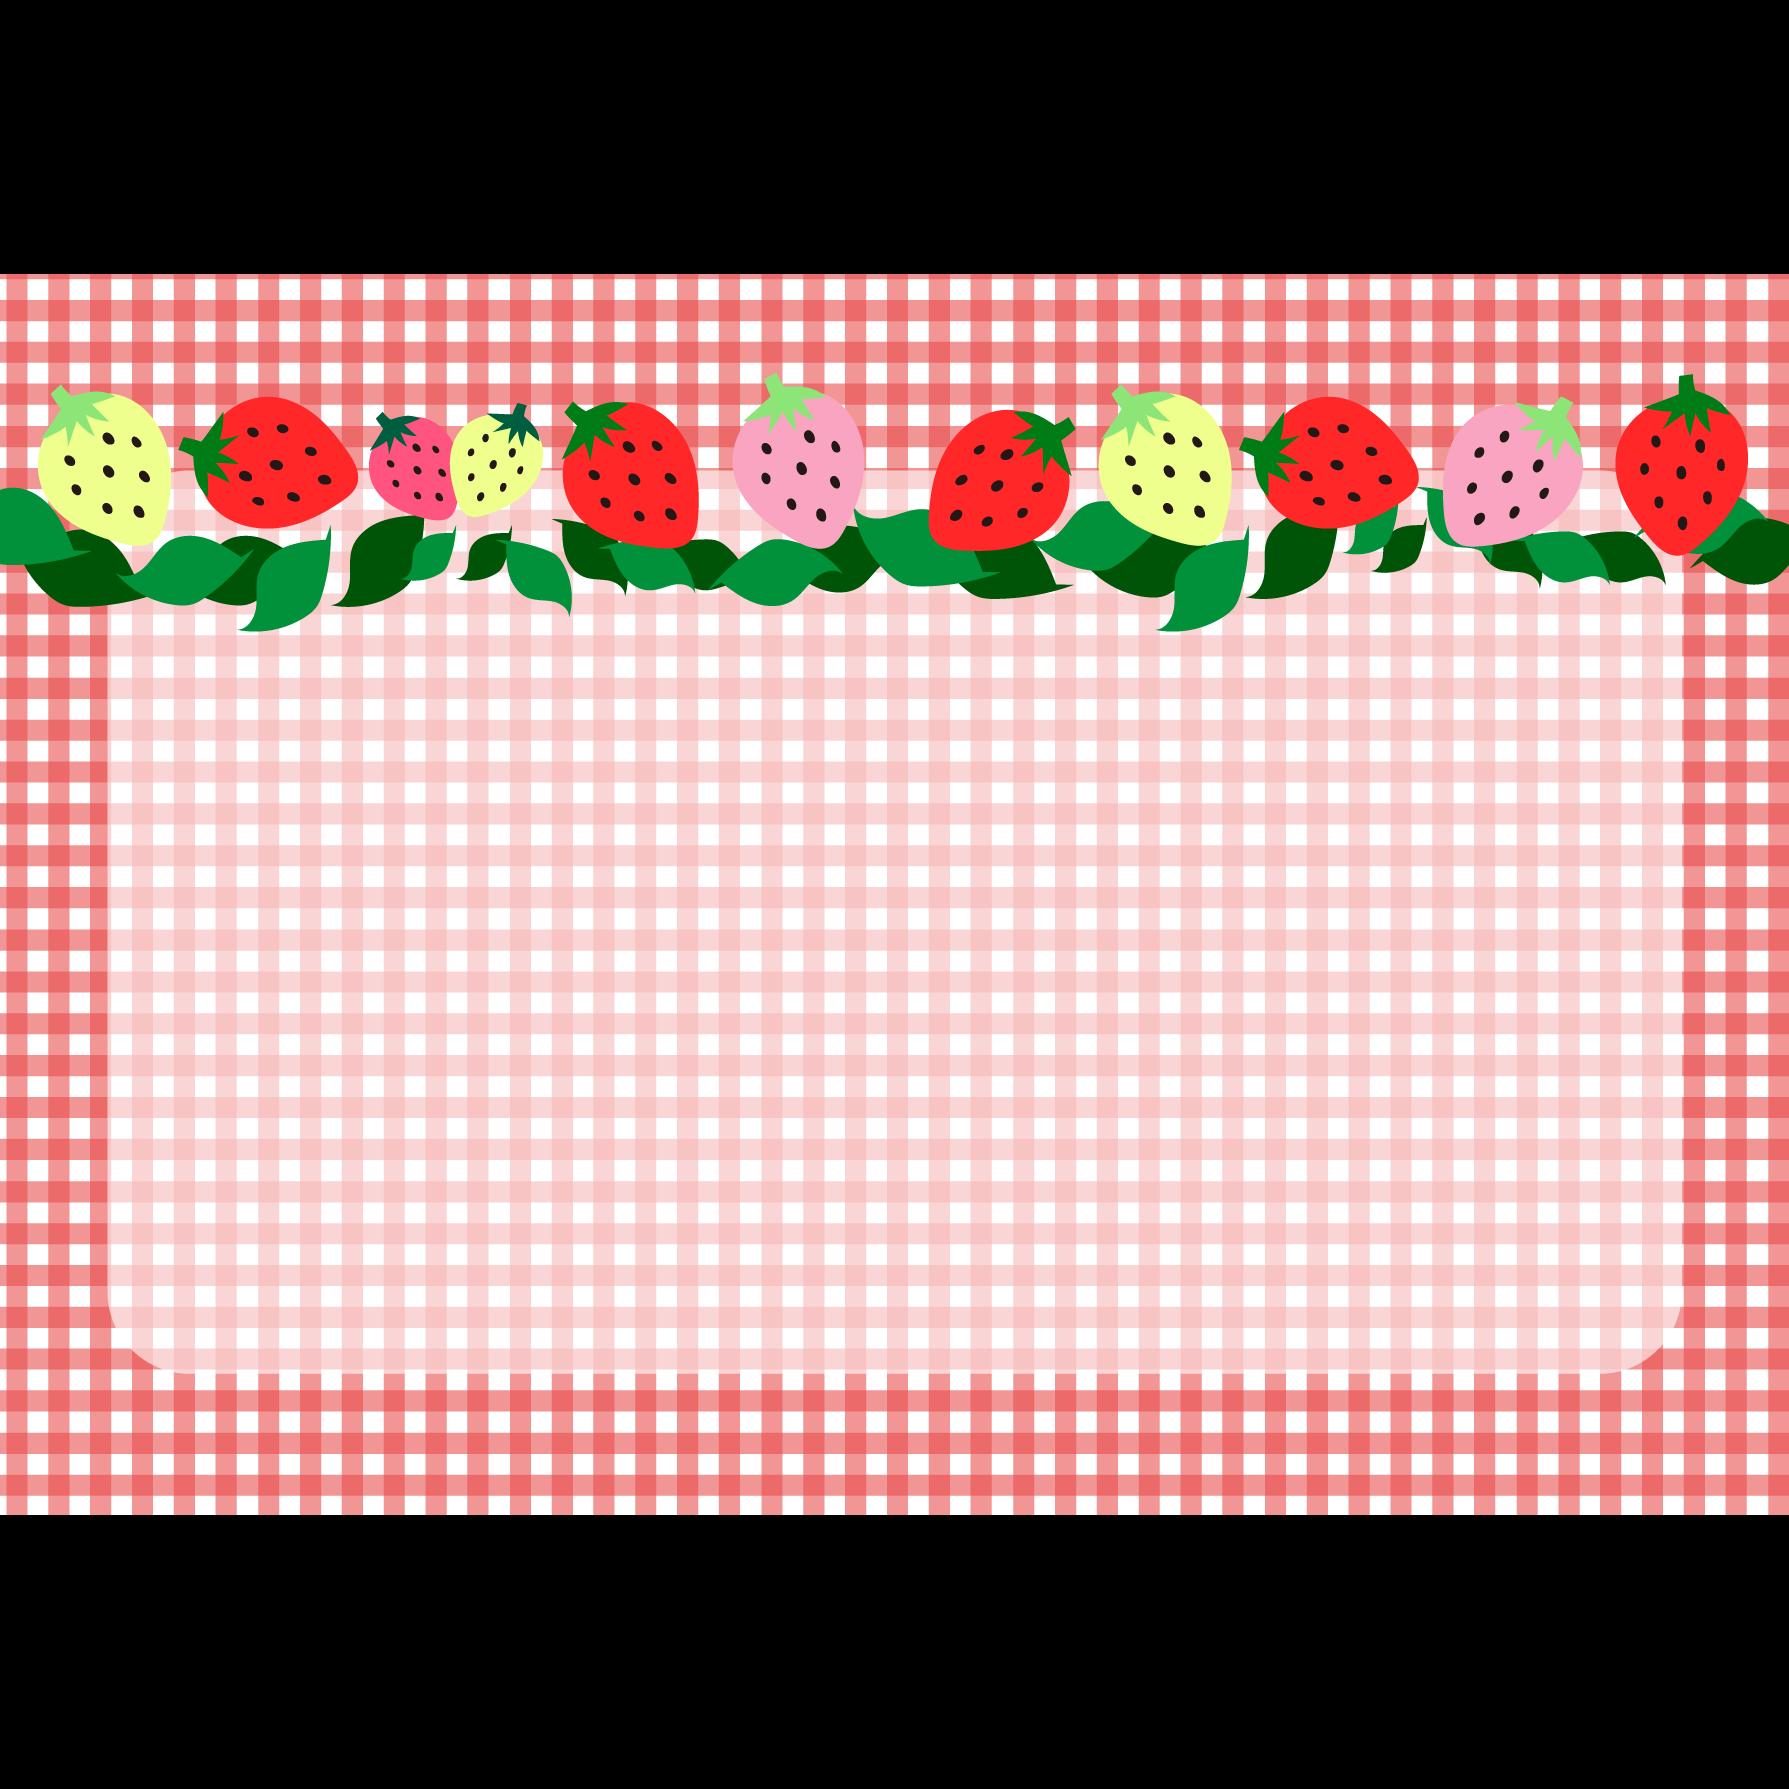 かわいいいちご苺と チェック の背景 フリー A4イラスト 商用